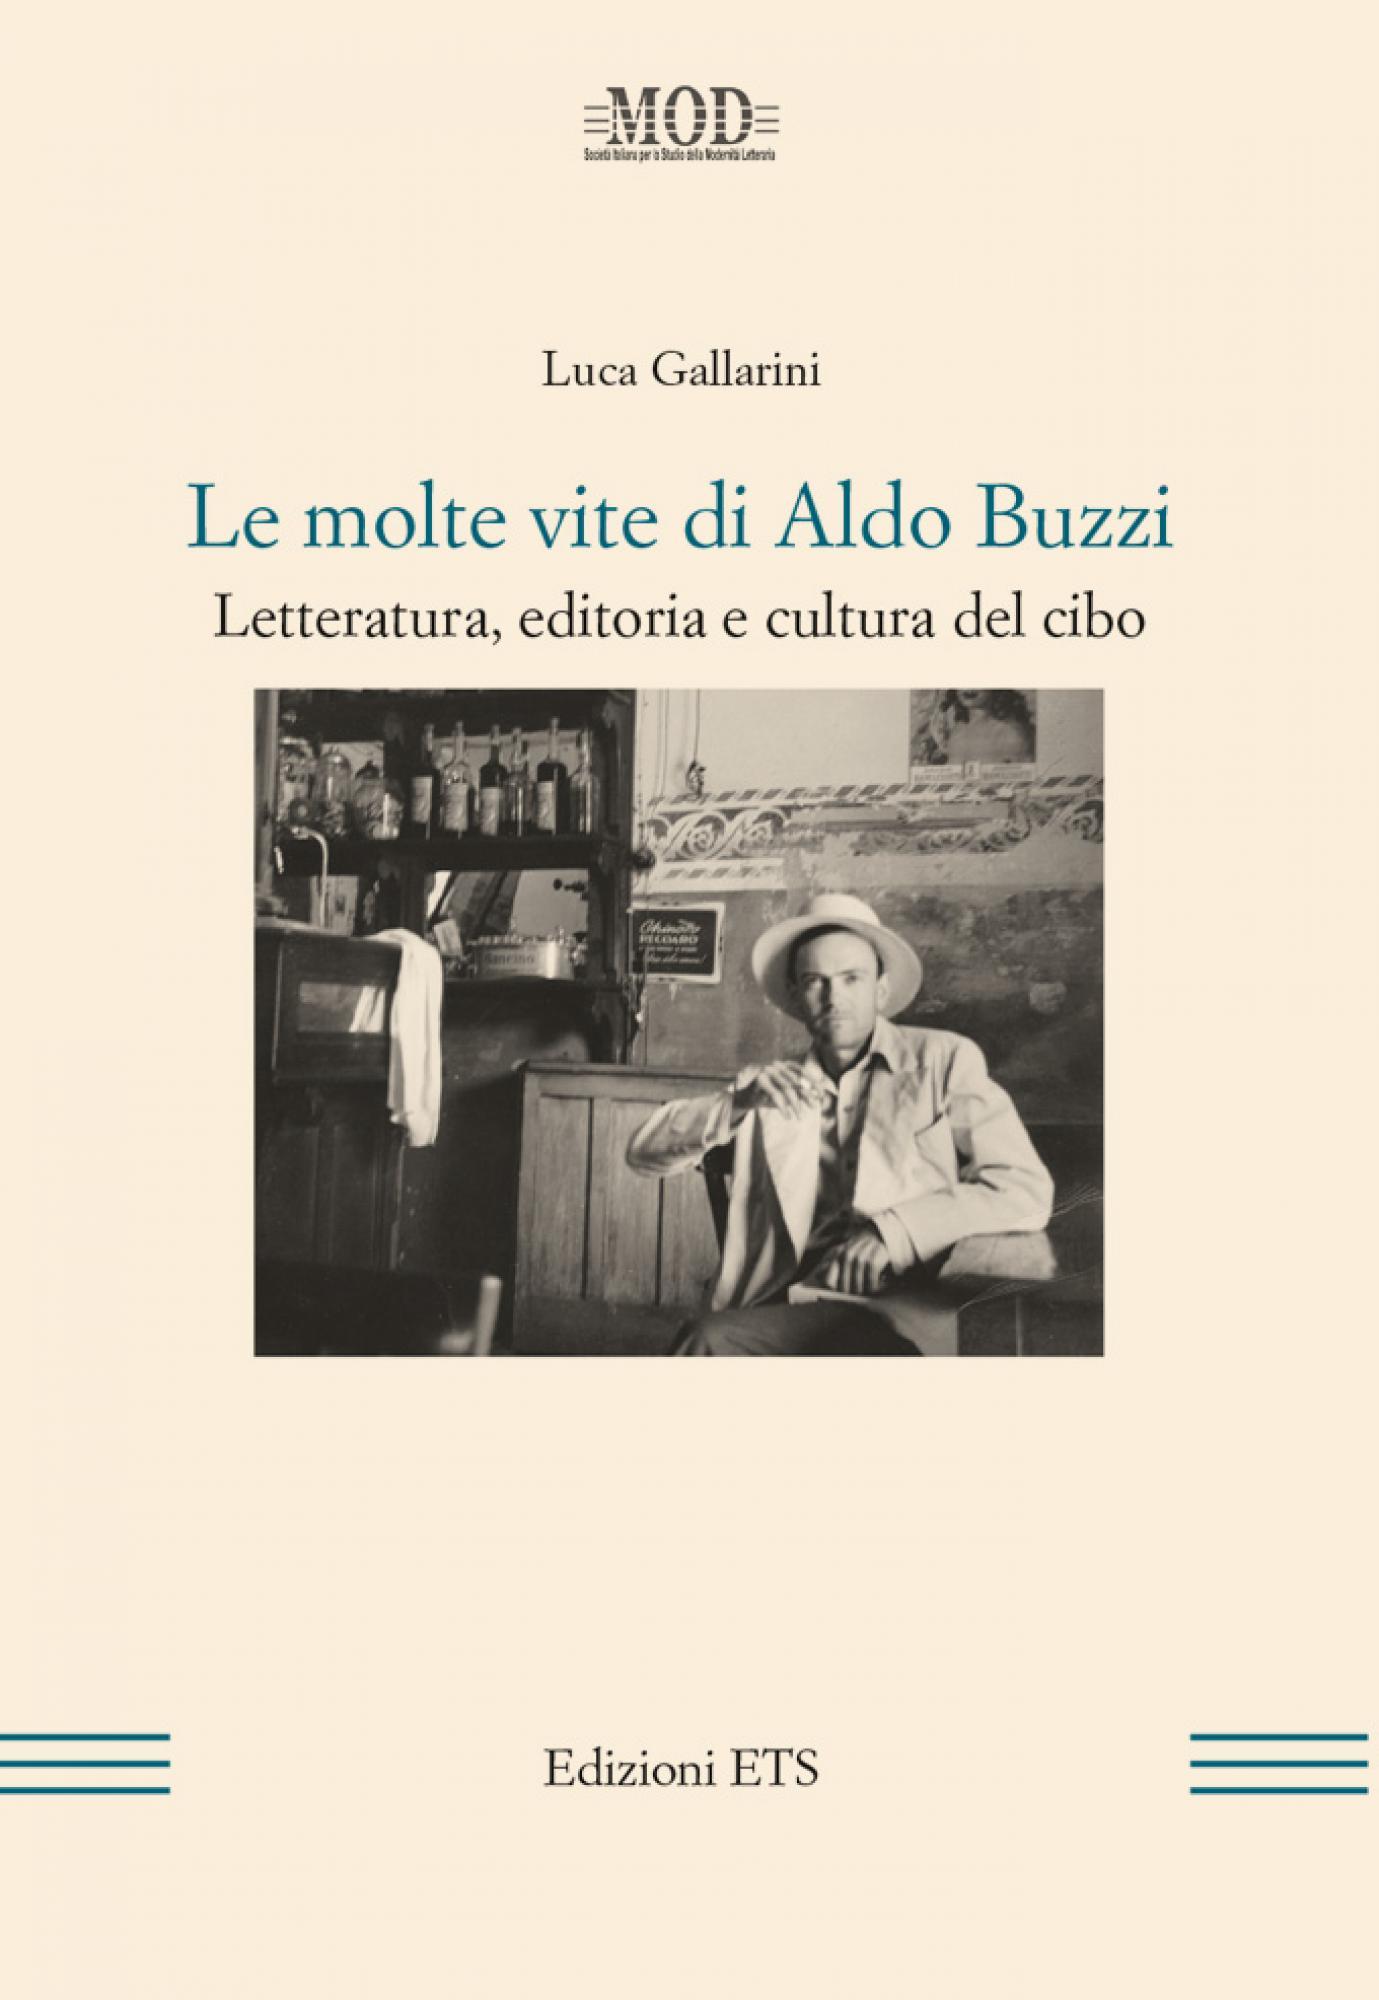 Le molte vite di Aldo Buzzi.Letteratura, editoria e cultura del cibo